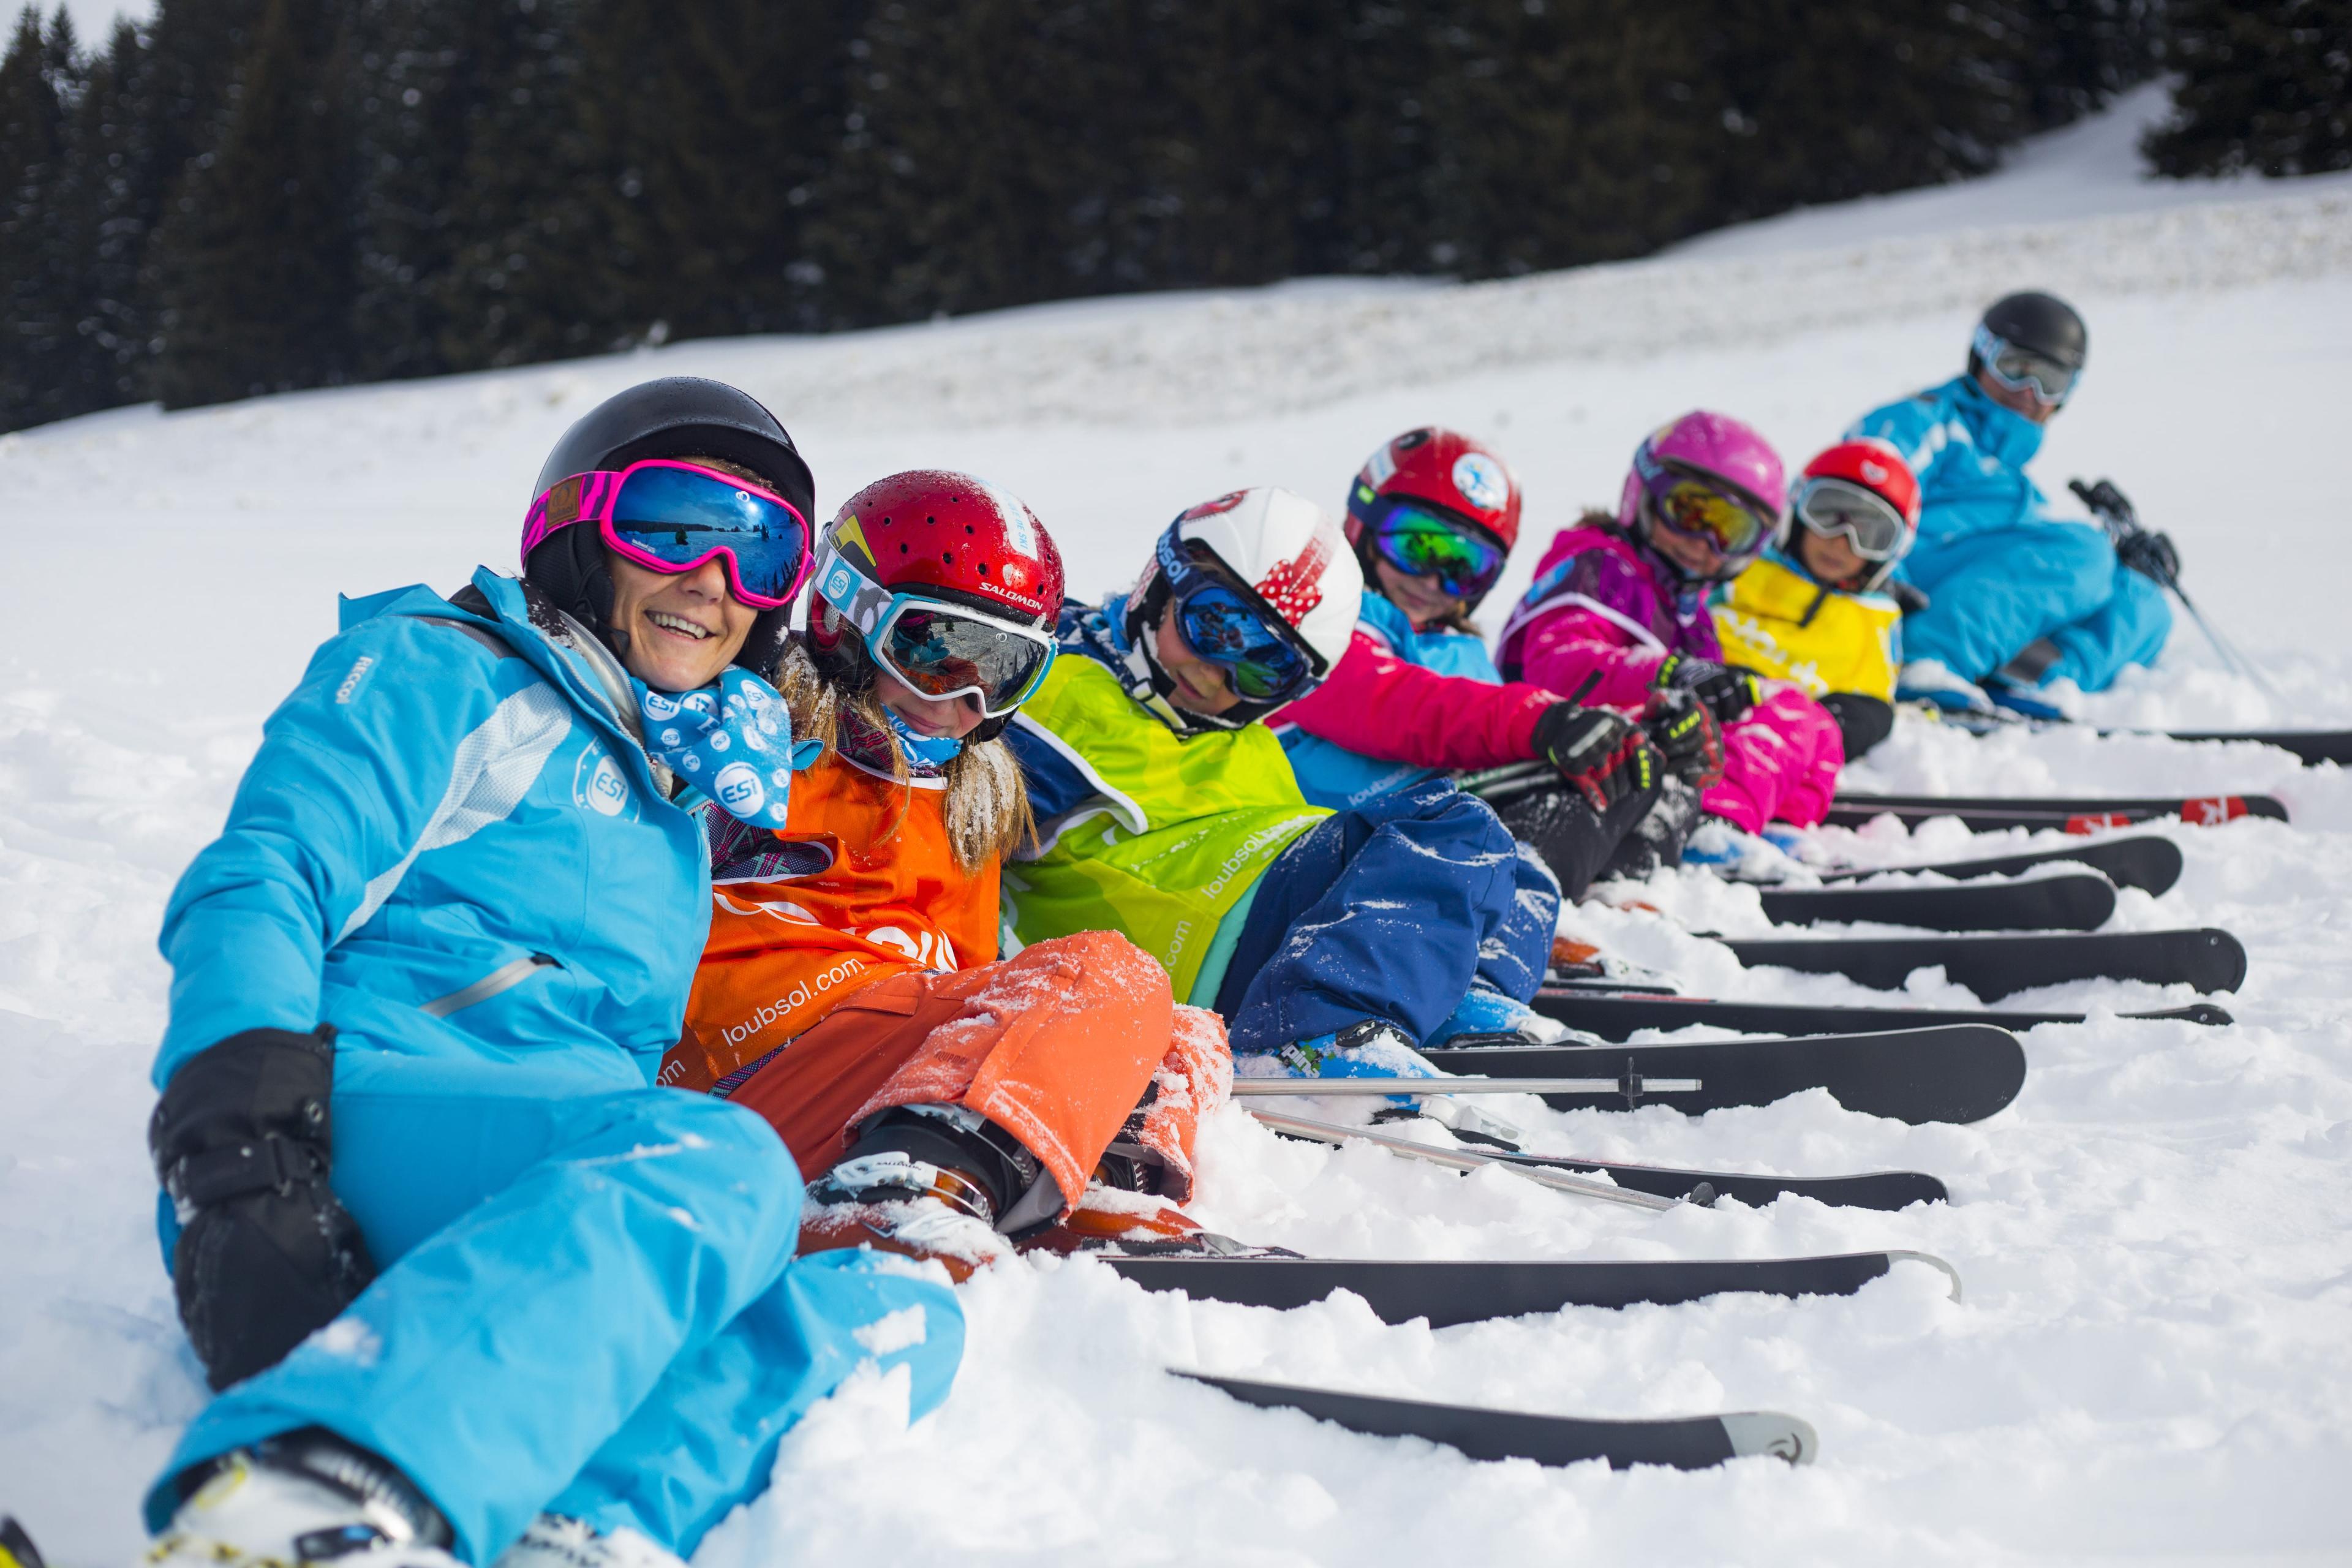 Cours de ski Enfants (5-17 ans) pour Tous niveaux - A-midi